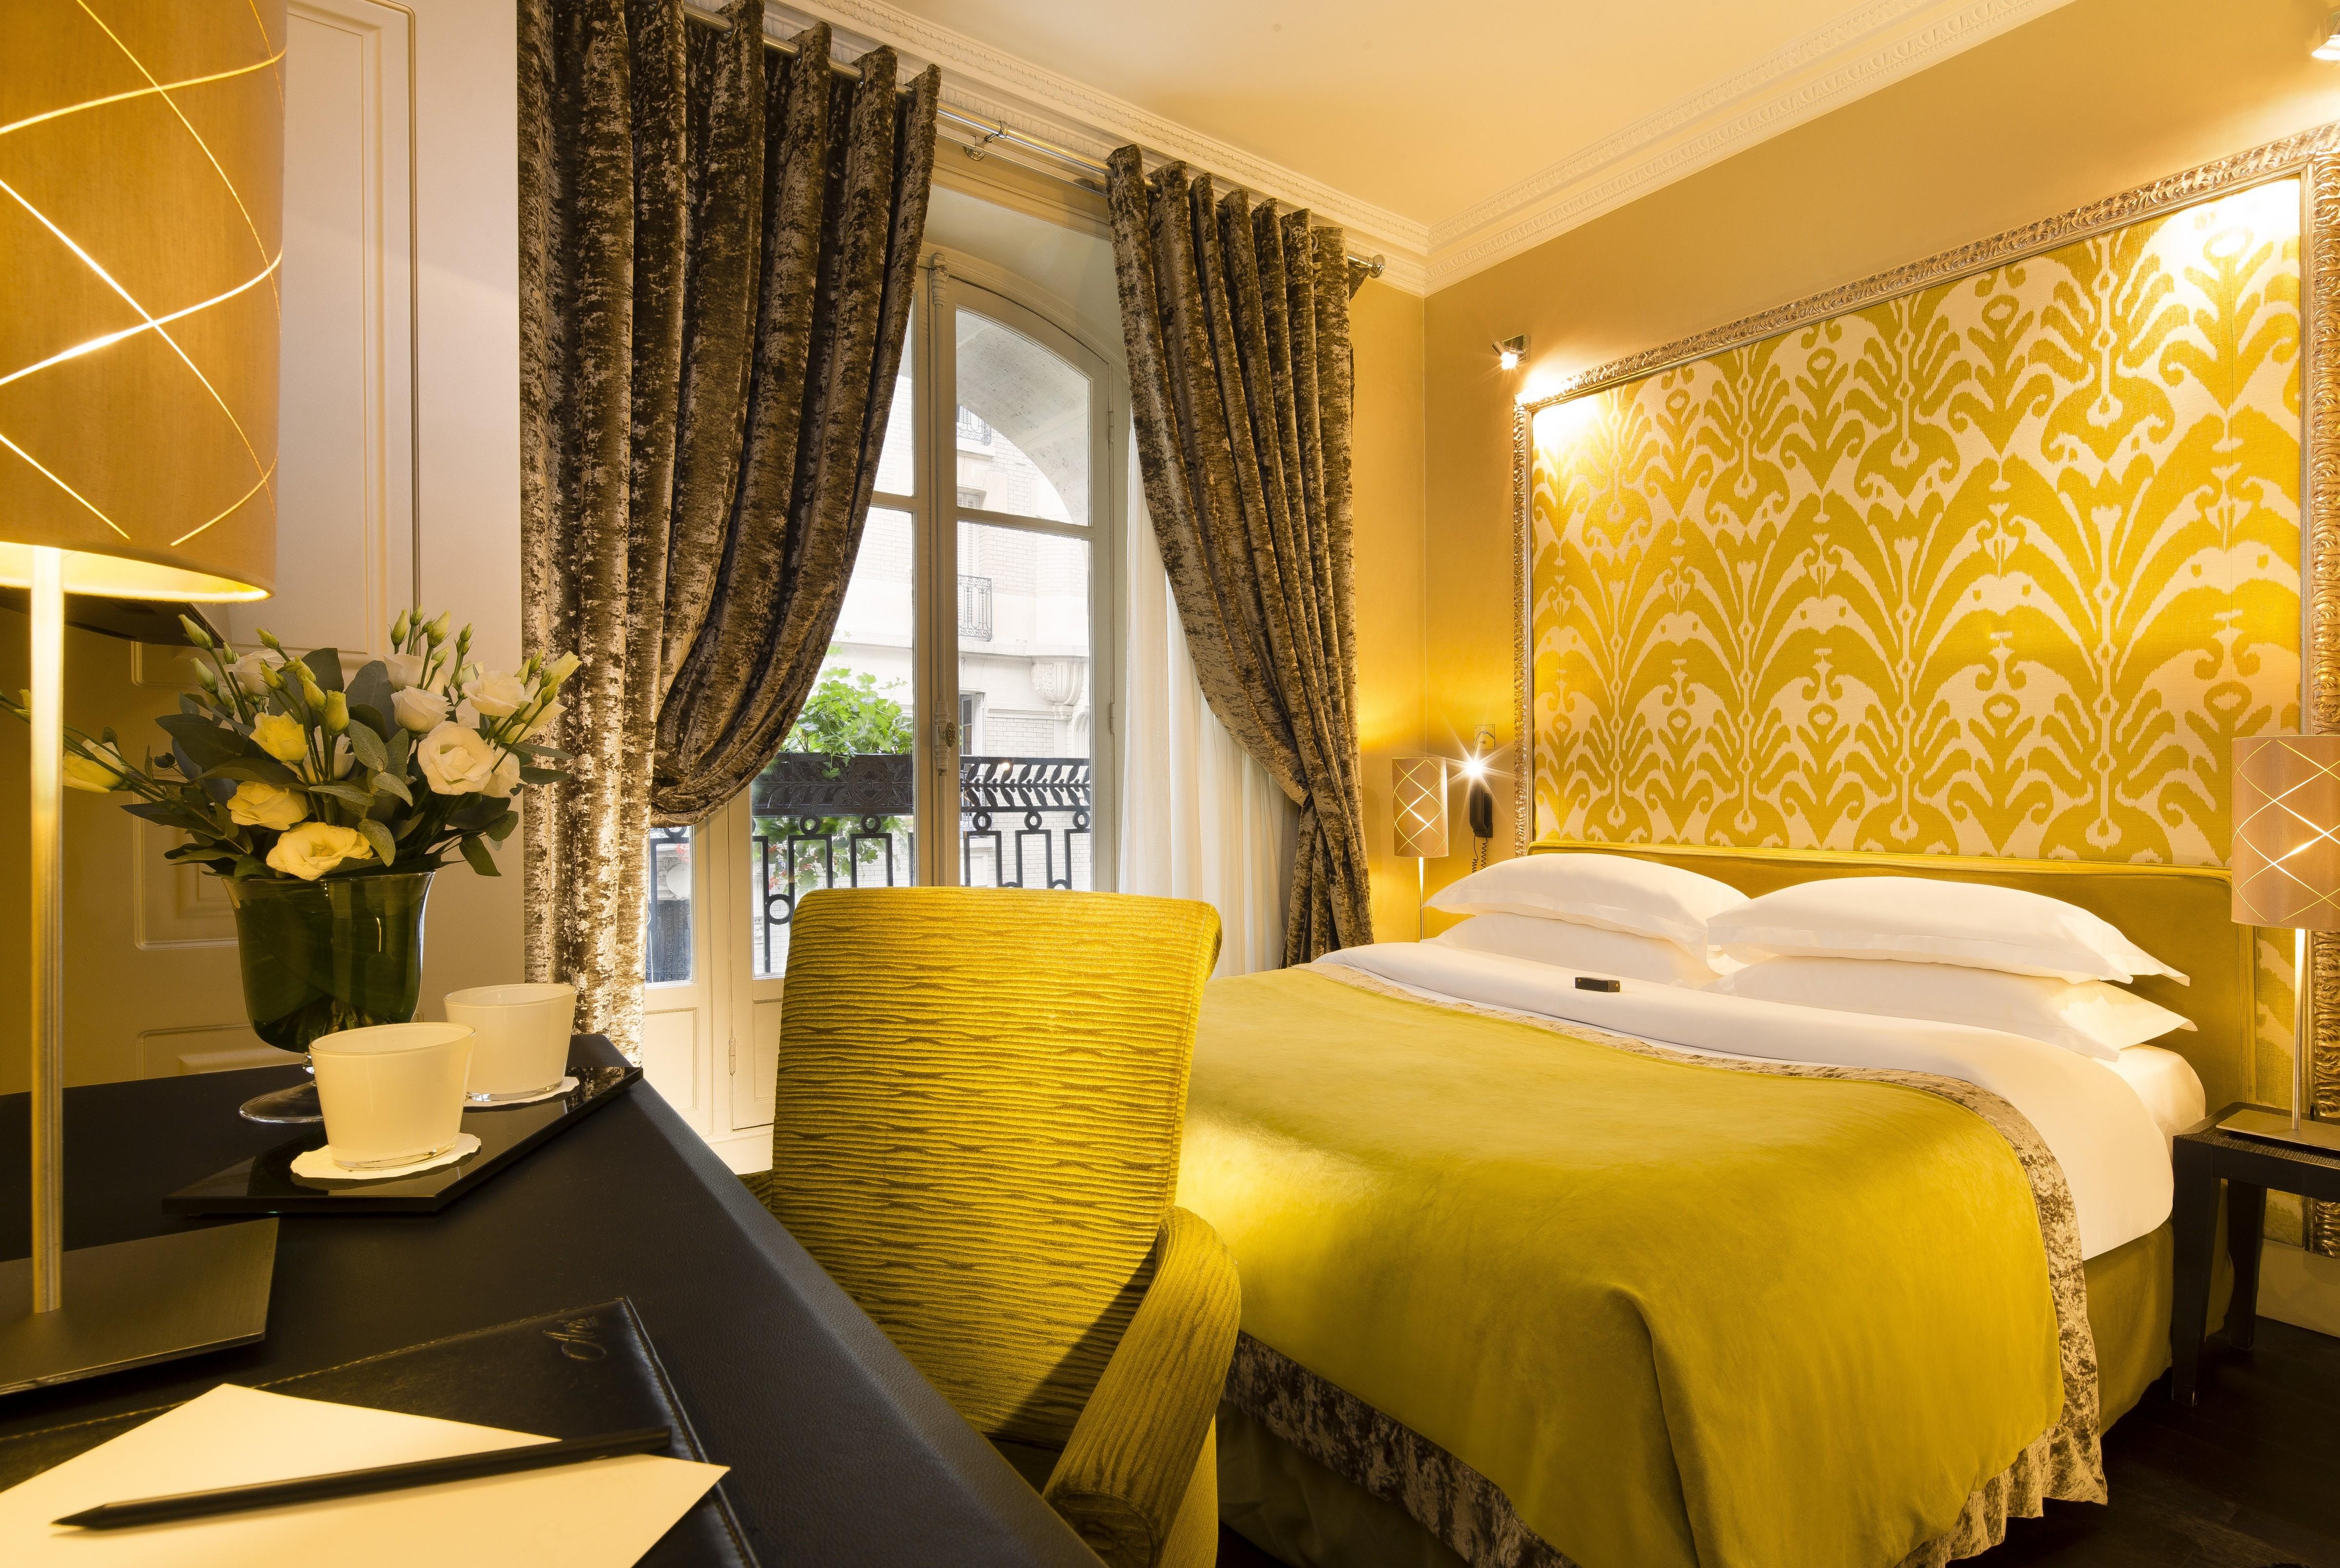 Hotel Ares Eiffel Paris Elegant Paris Boutique Hotel Classic Vaerelse